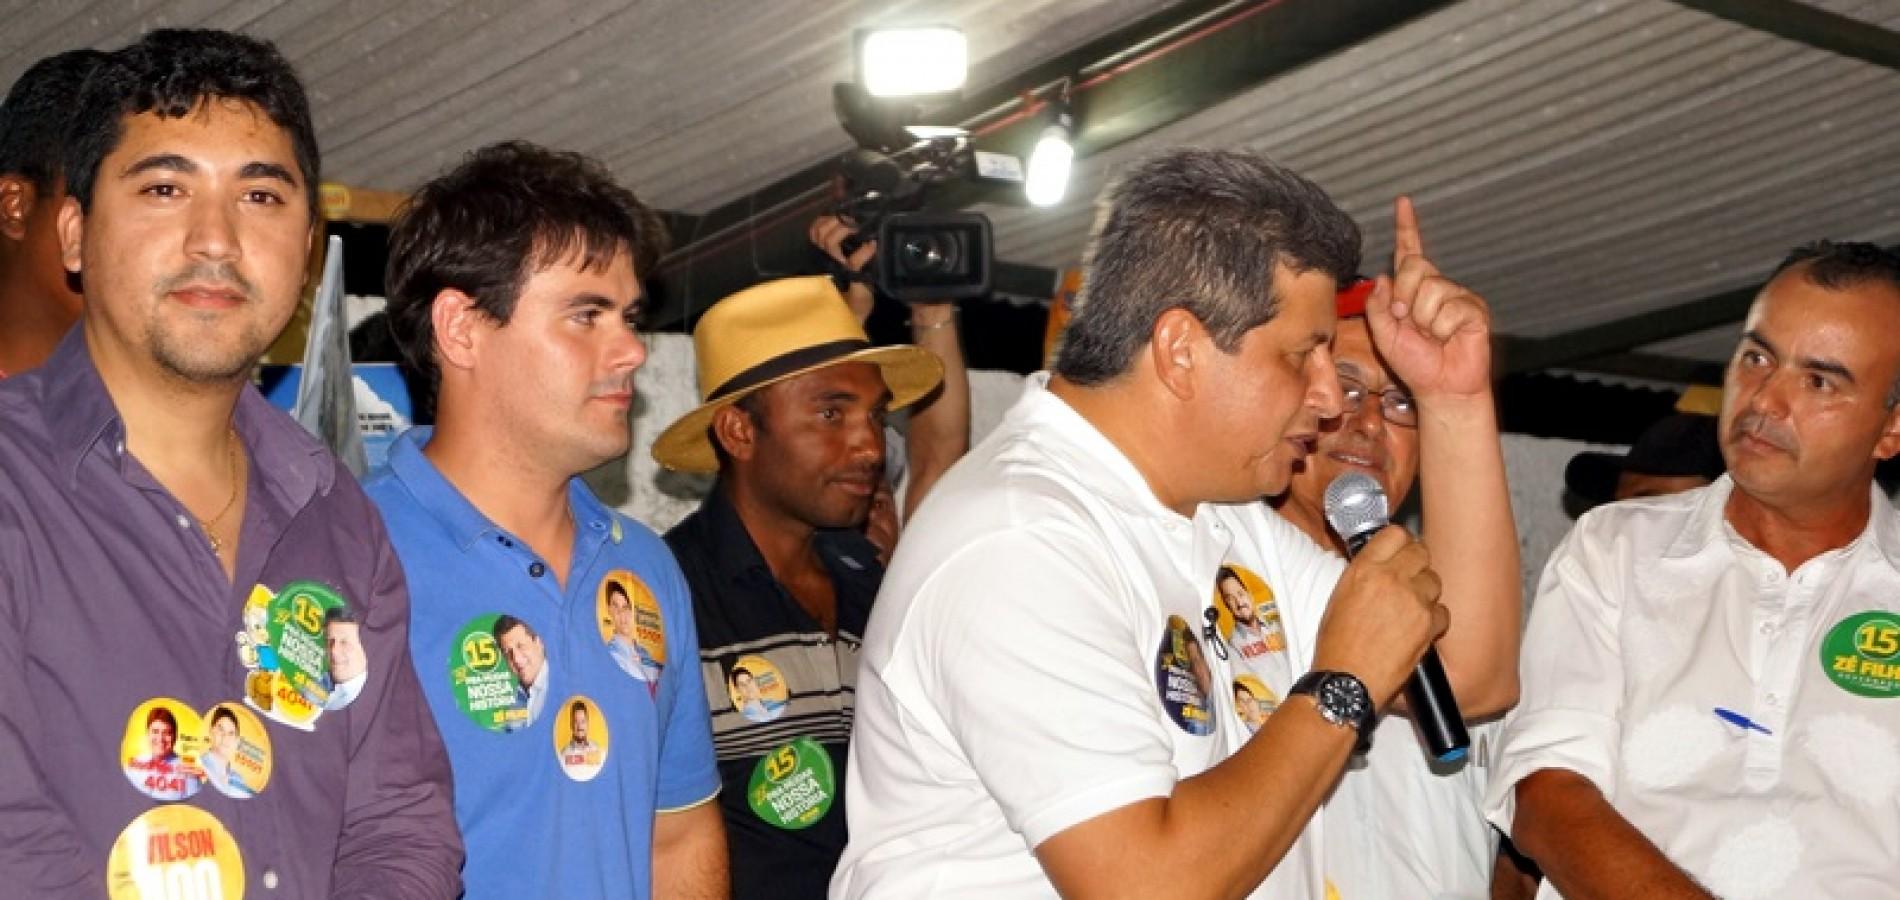 Governador Zé Filho faz campanha em Massapê do Piauí; veja fotos